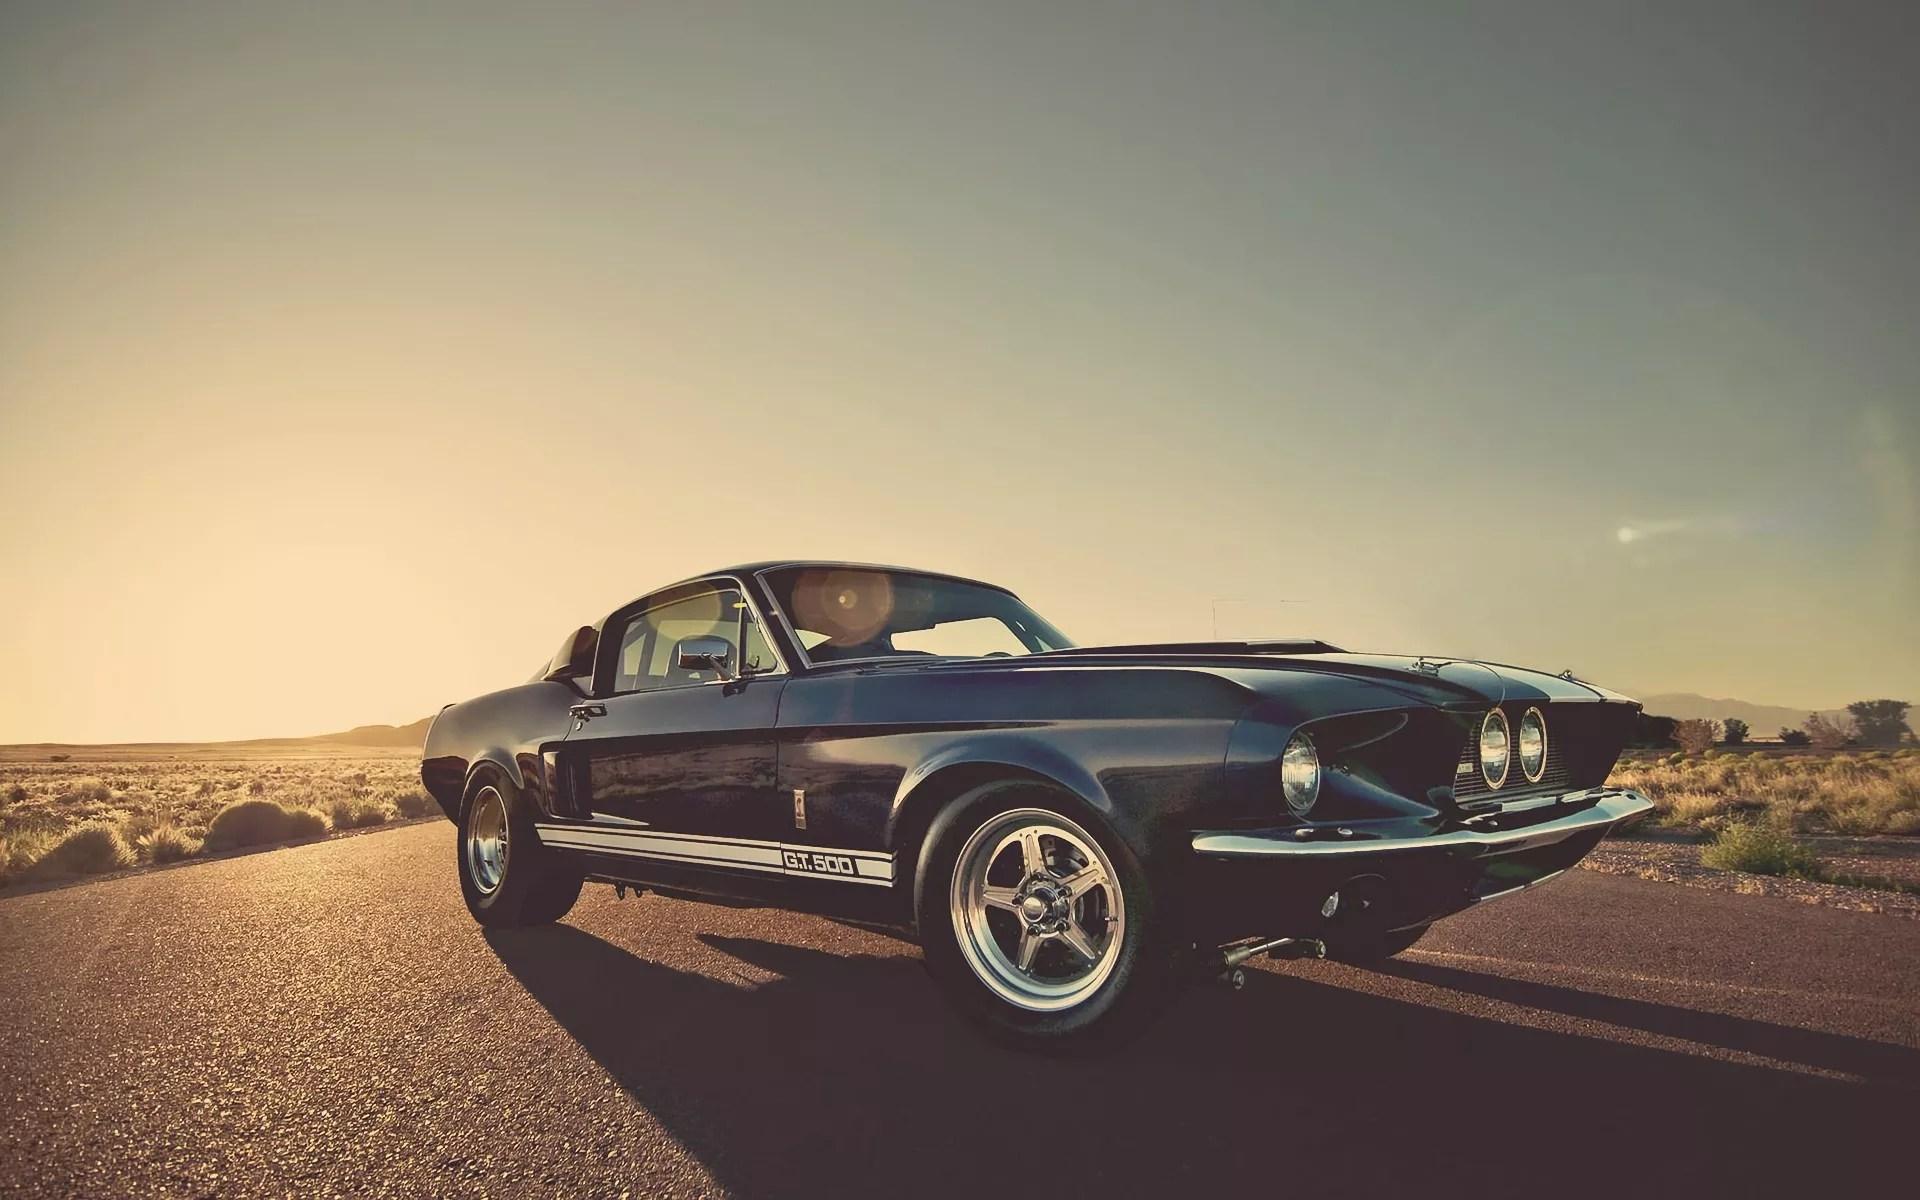 Dream Cars Hd Wallpapers Renovate Your Desktop